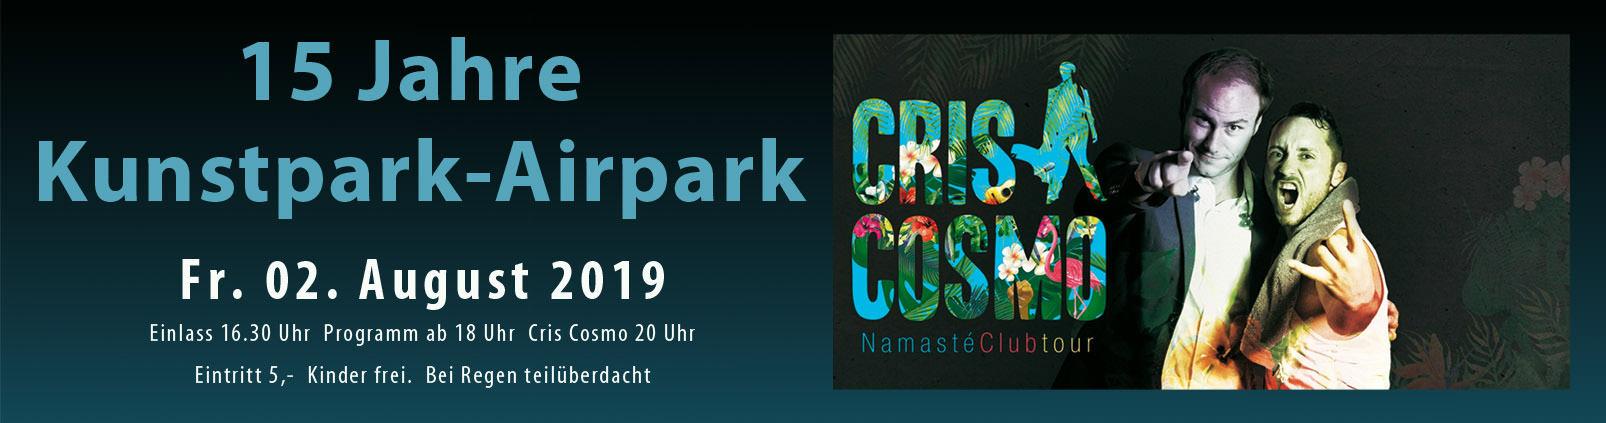 15 Jahre Kunstpark-Airpark – Live Musik Foodtruck Cocktails